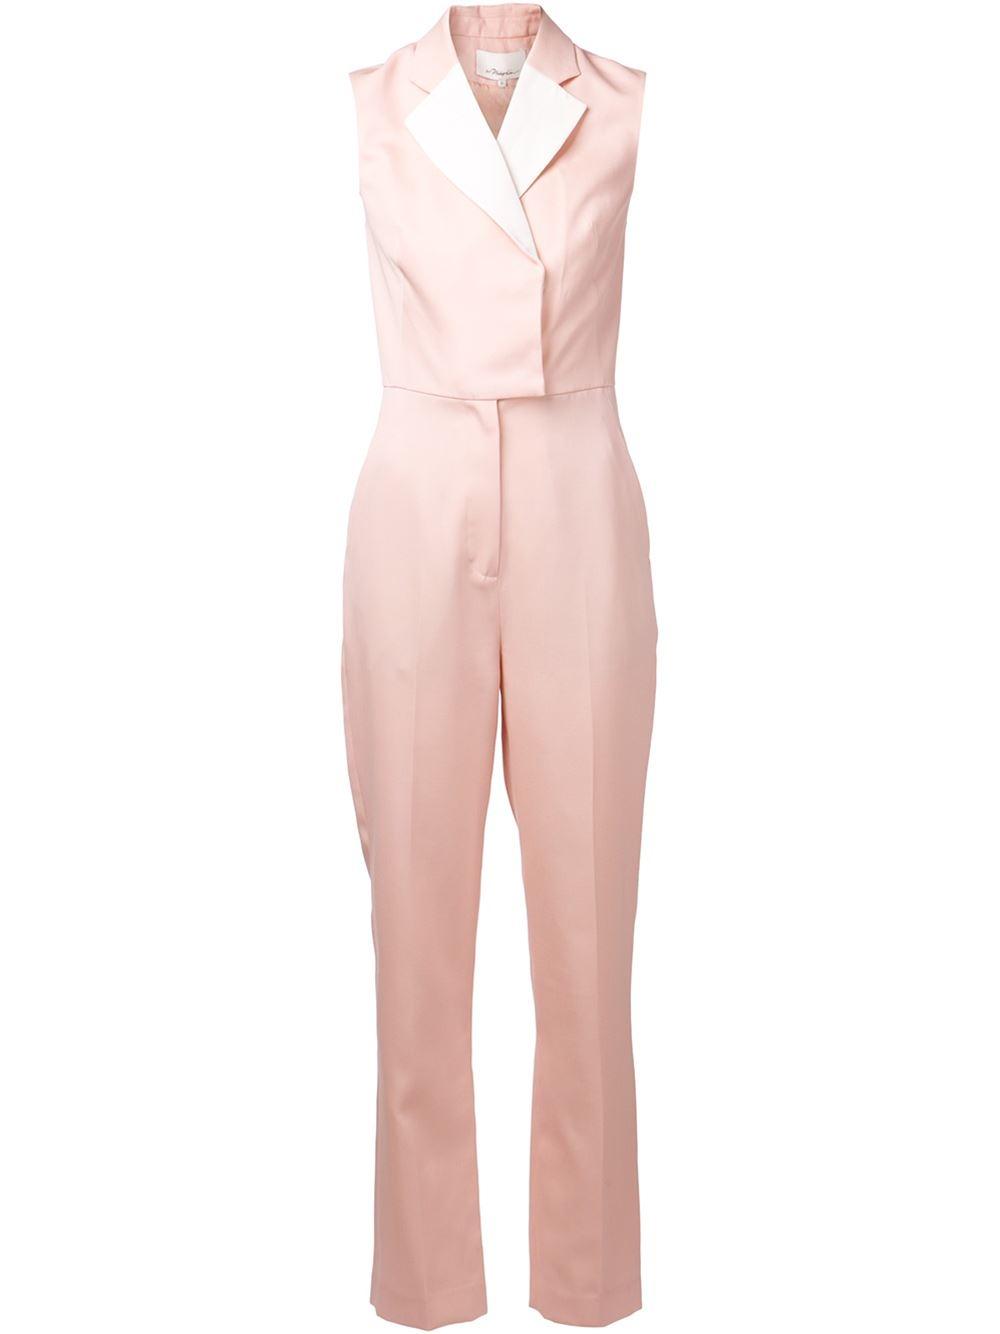 9cc77ece7ca Lyst - 3.1 Phillip Lim Tuxedo Jumpsuit in Pink